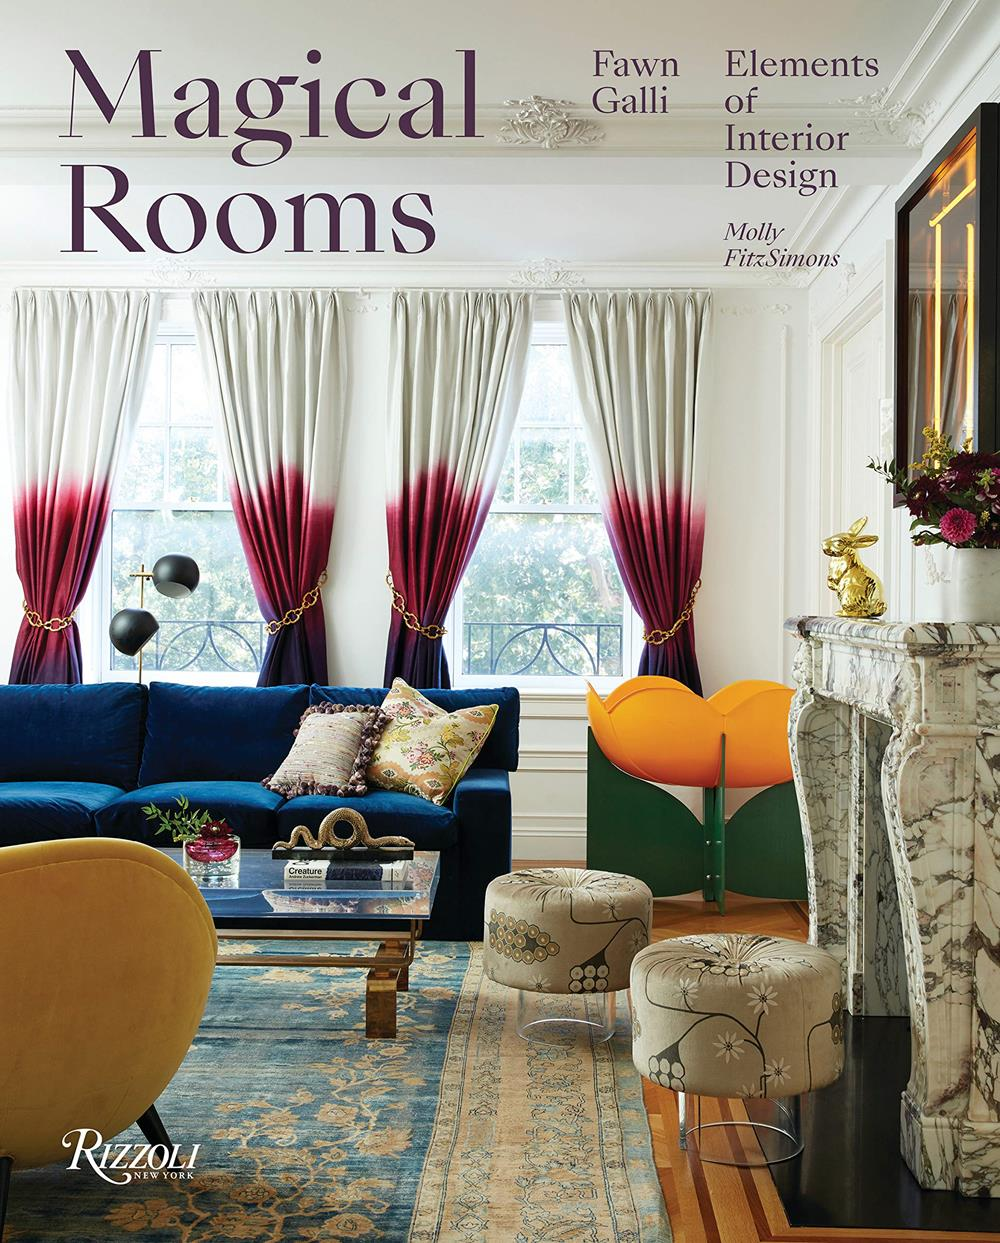 Magical Rooms Elements of Interior Design, livro de Fawn Galli em parceria com Molly FitzSimons